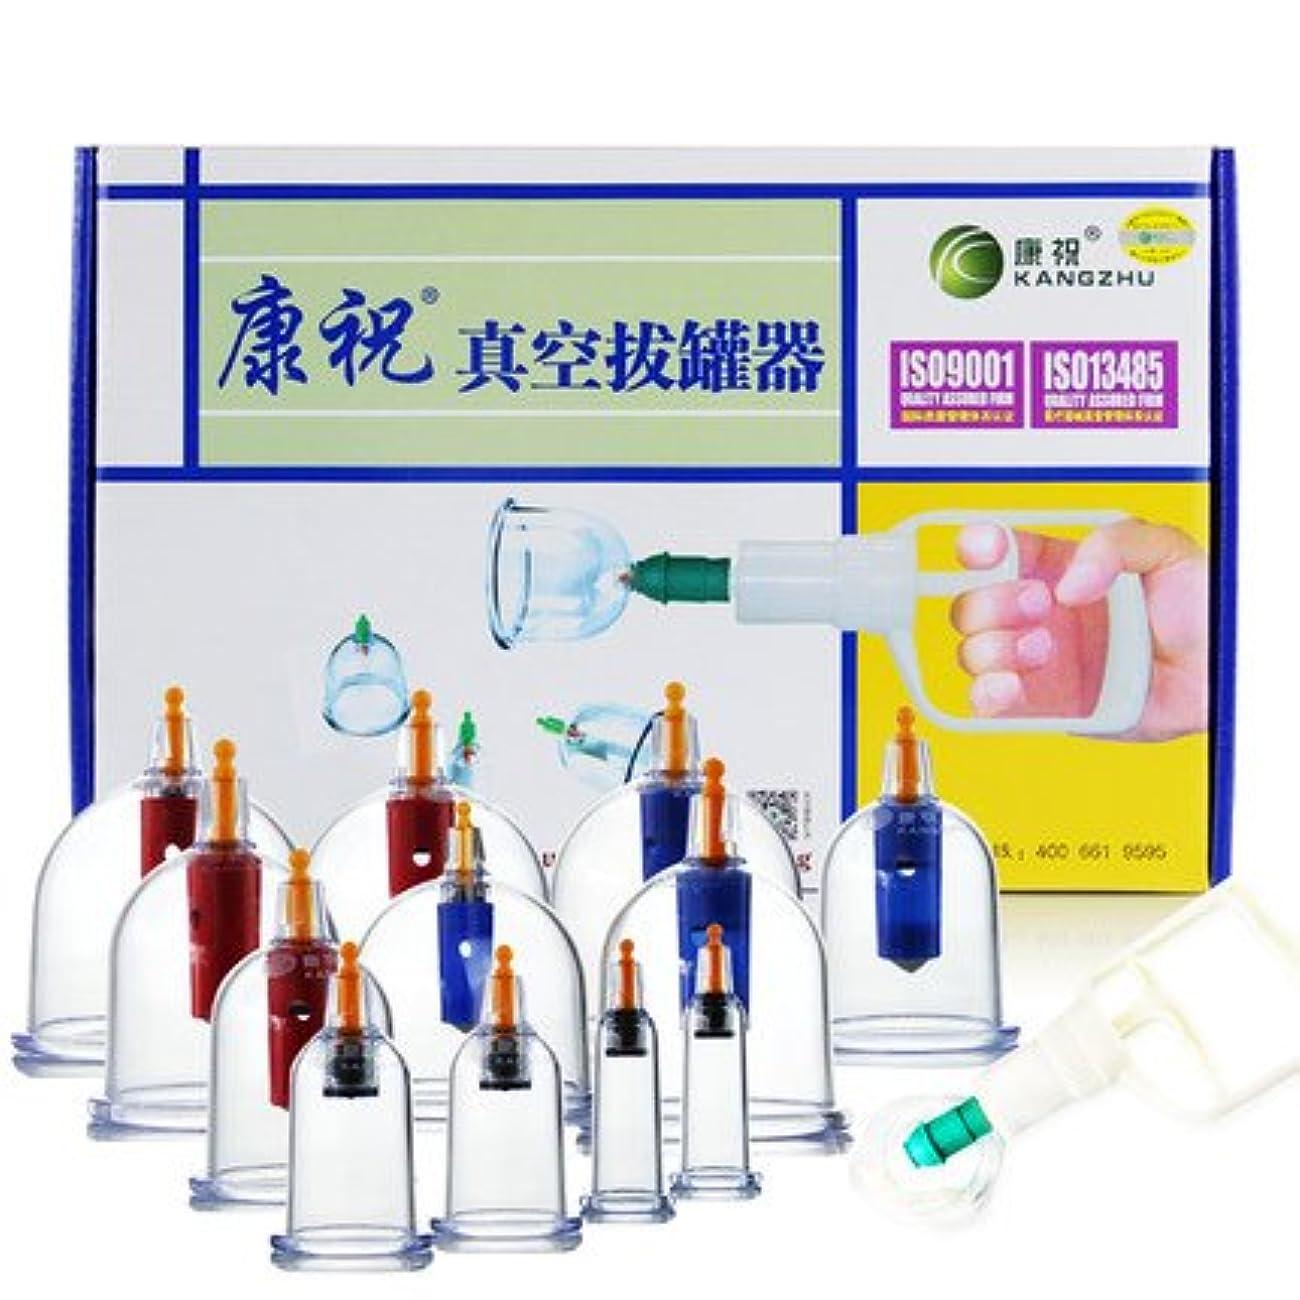 保存するインストール失業kangzhu 「新包装」カッピング cupping 吸い玉カップ 脂肪吸引 康祝 KANGZHU 6種 12個カップ 自宅エステ アンチエイジングに B12